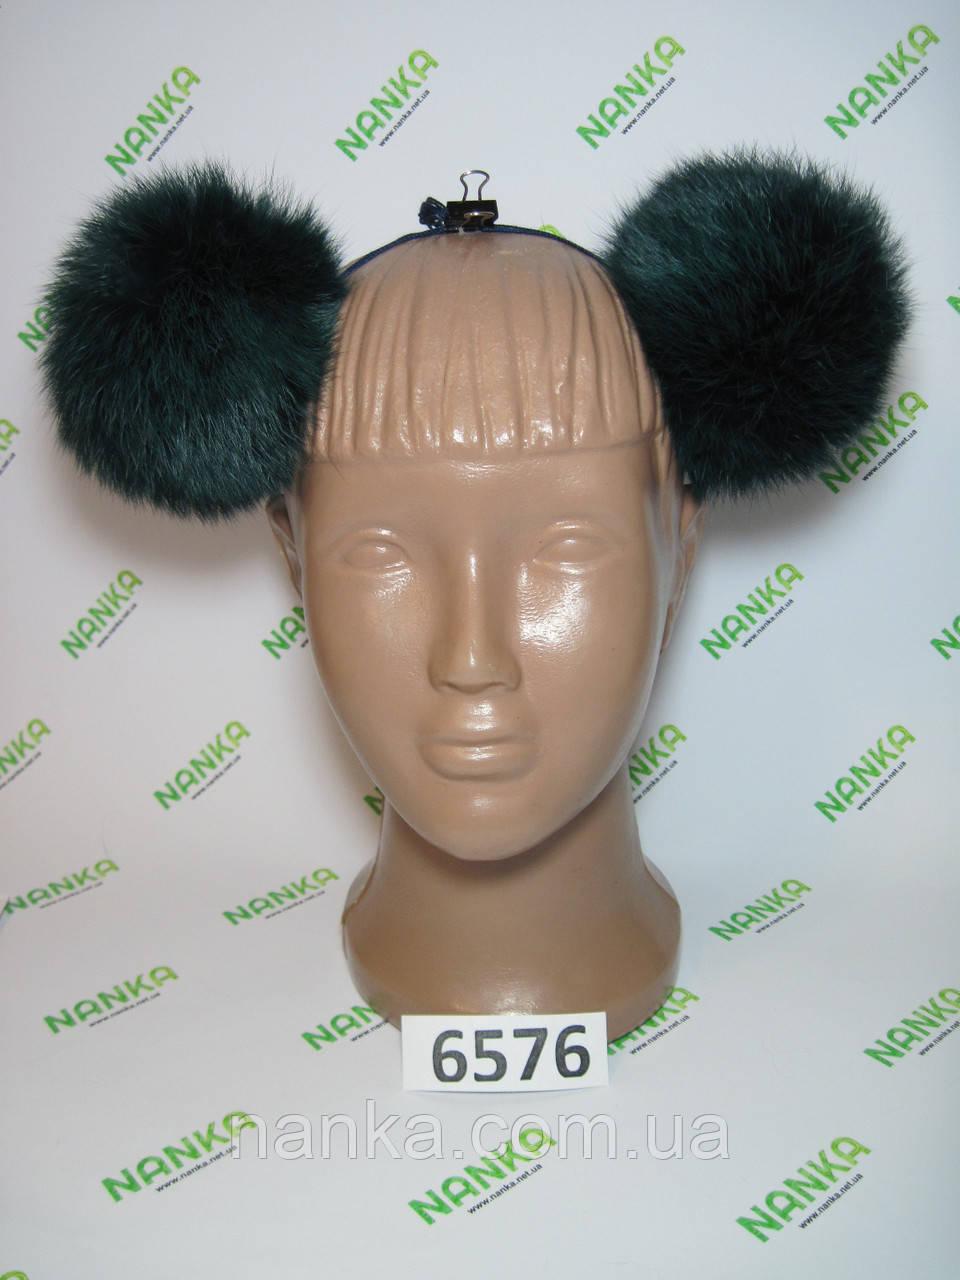 Меховой помпон Кролик, Тем. Зеленый, 11 см,  пара 6576